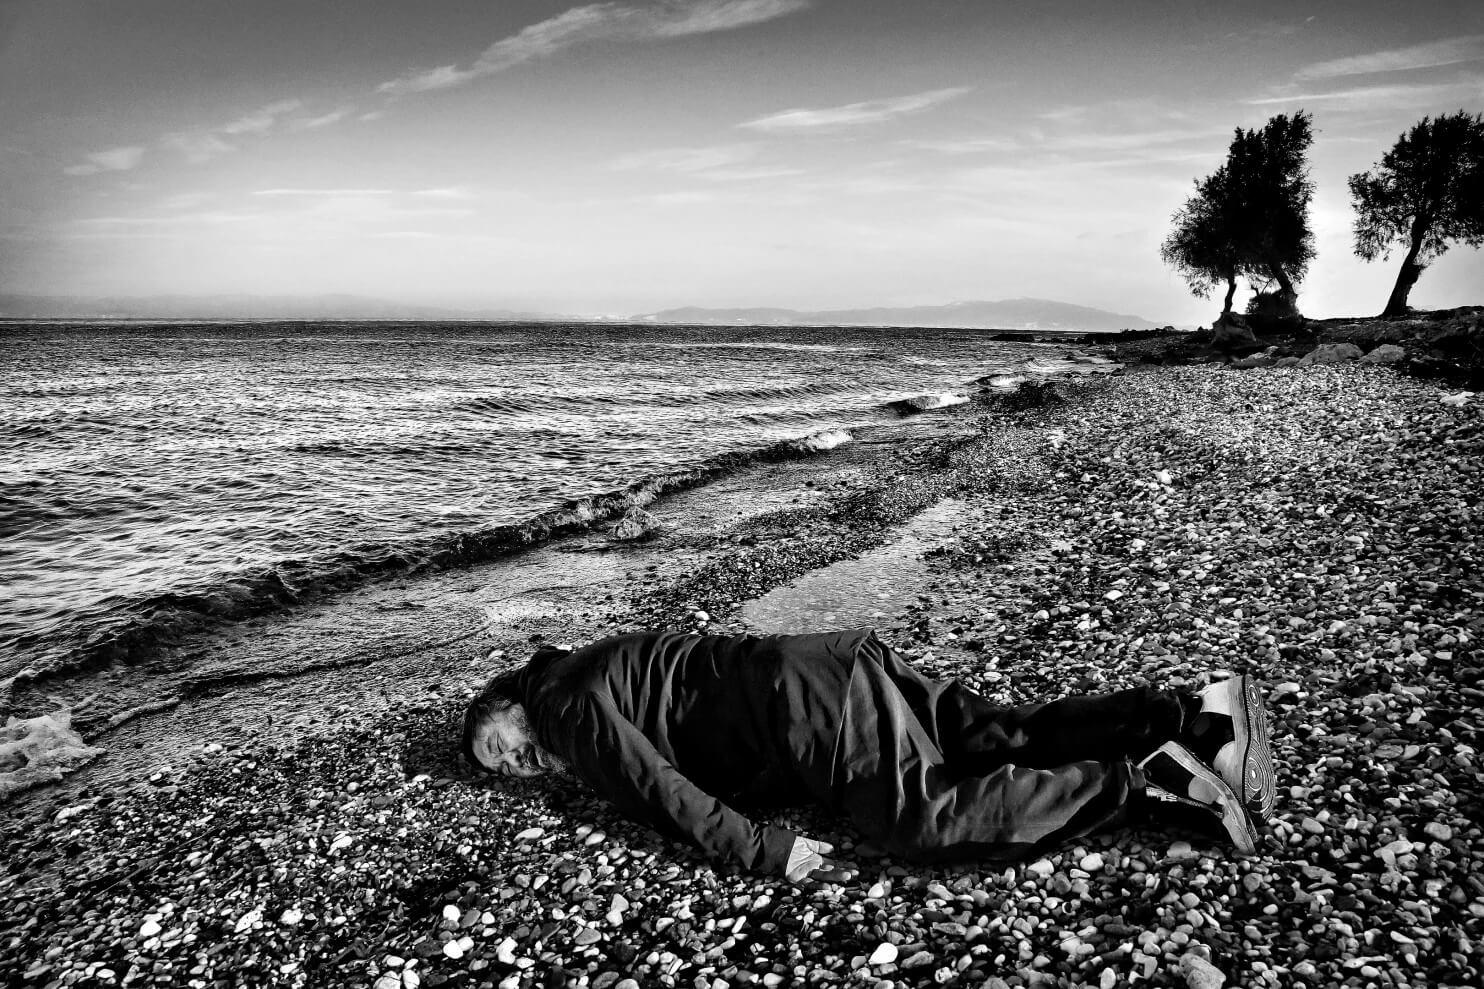 Em 2014, Ai Weiwei foi fotografado na posição onde o cadáver do pequeno Aylan, a criança refugiada síria de 6 anos, que se afogou no Mar Egeu, enquanto tentava chegar à Europa, foi fotografado.